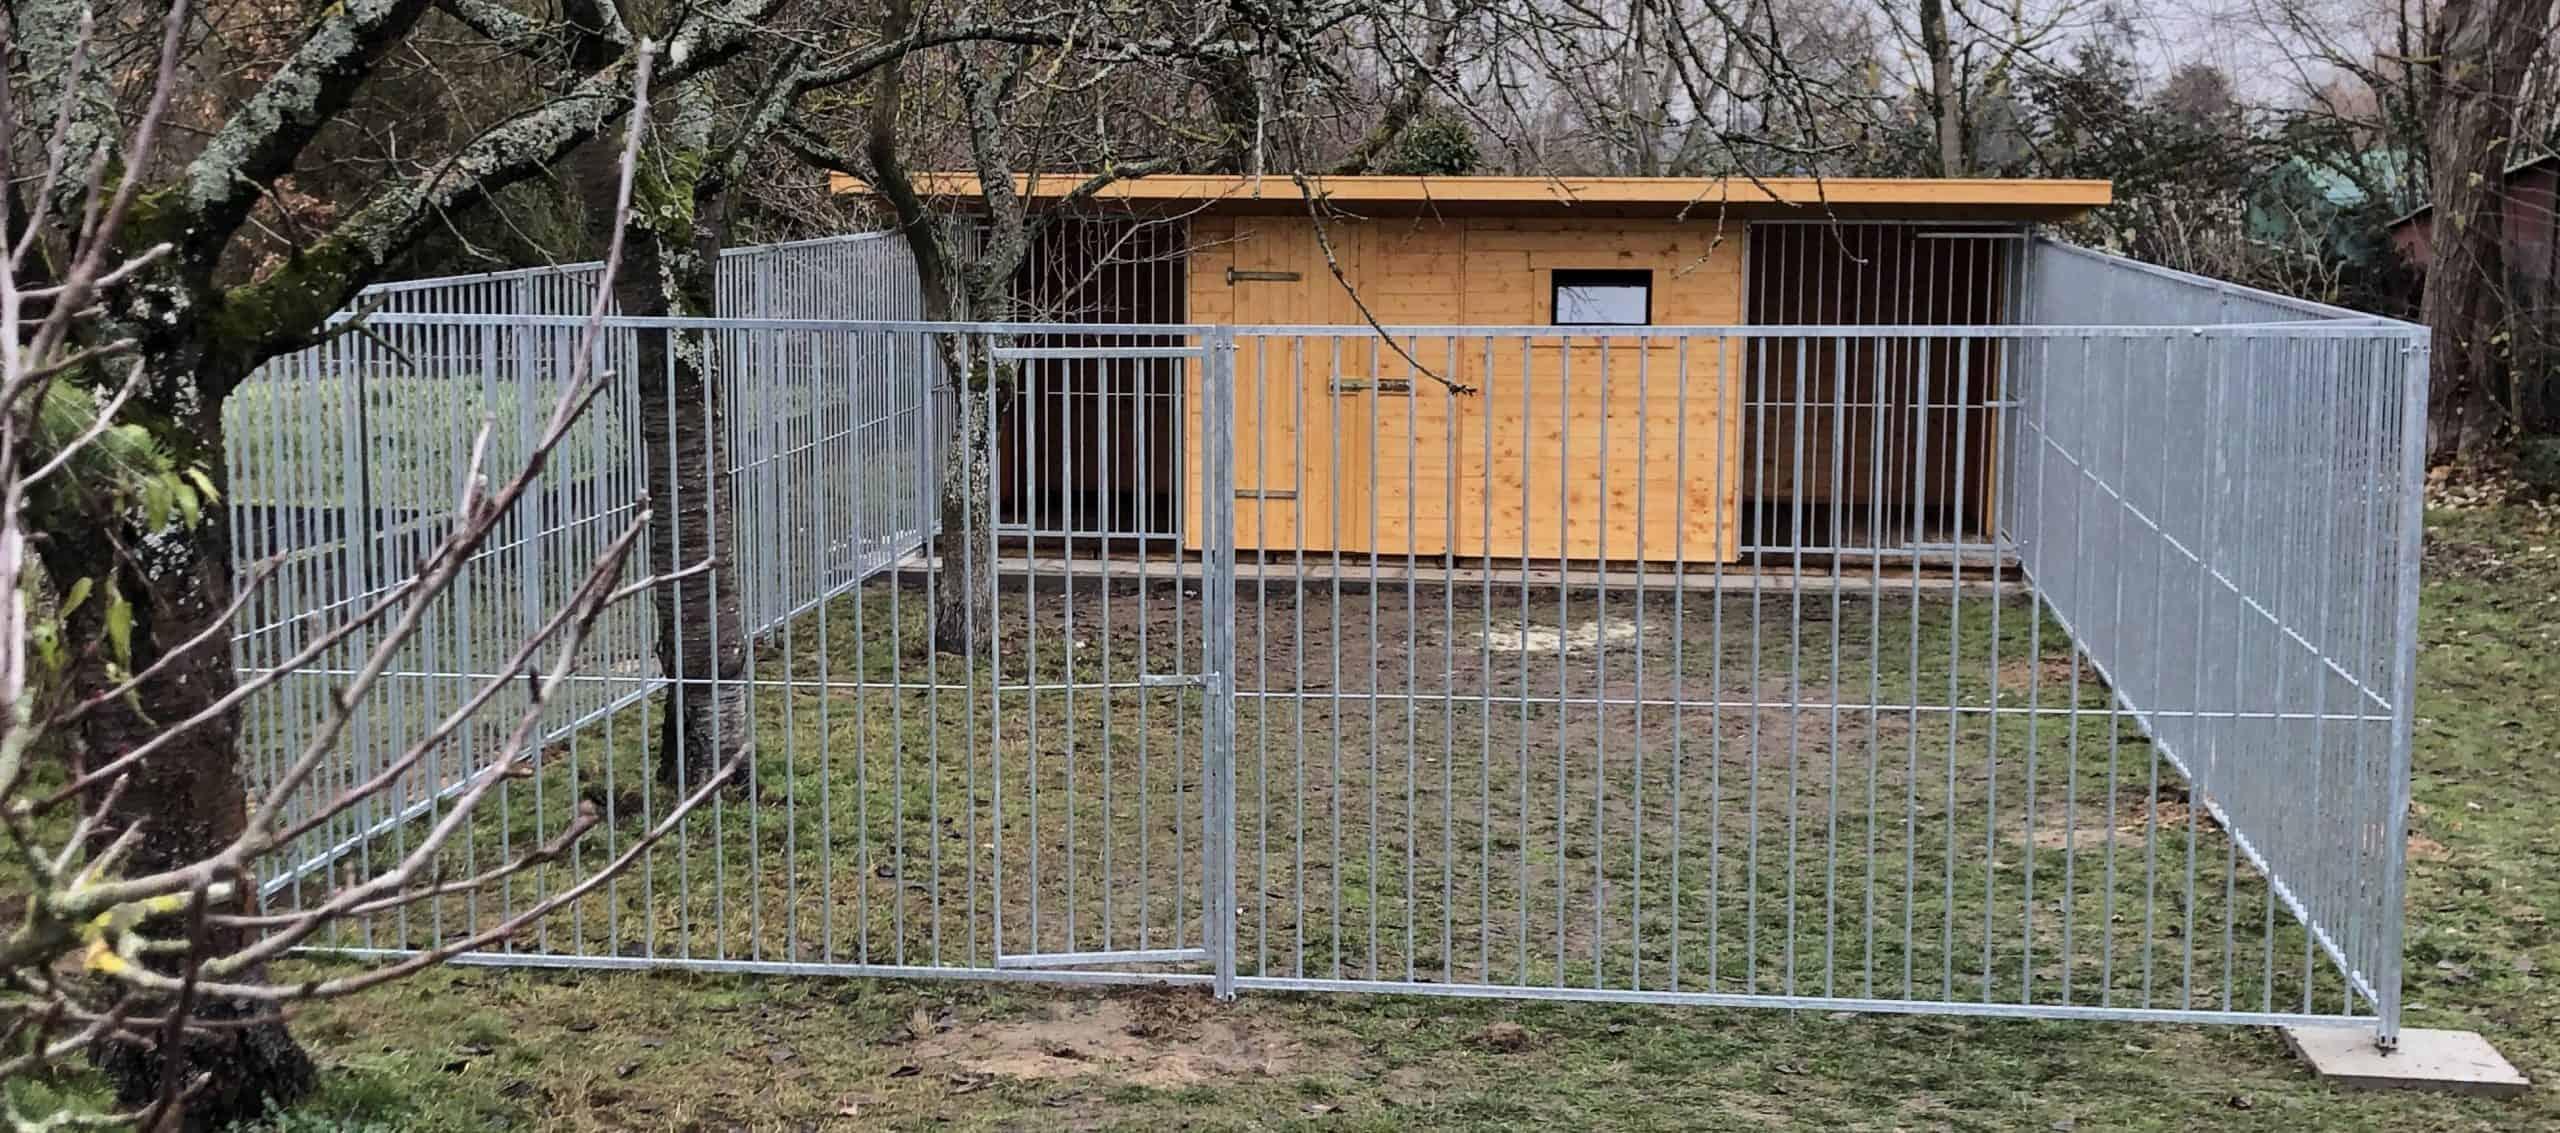 Hundezwinger - Helsinki - 6.00 x 3.00 Meter mit Züchterraum 3.00 x 3.00 Meter und Auslauf 9.00 x 6.00 Meter